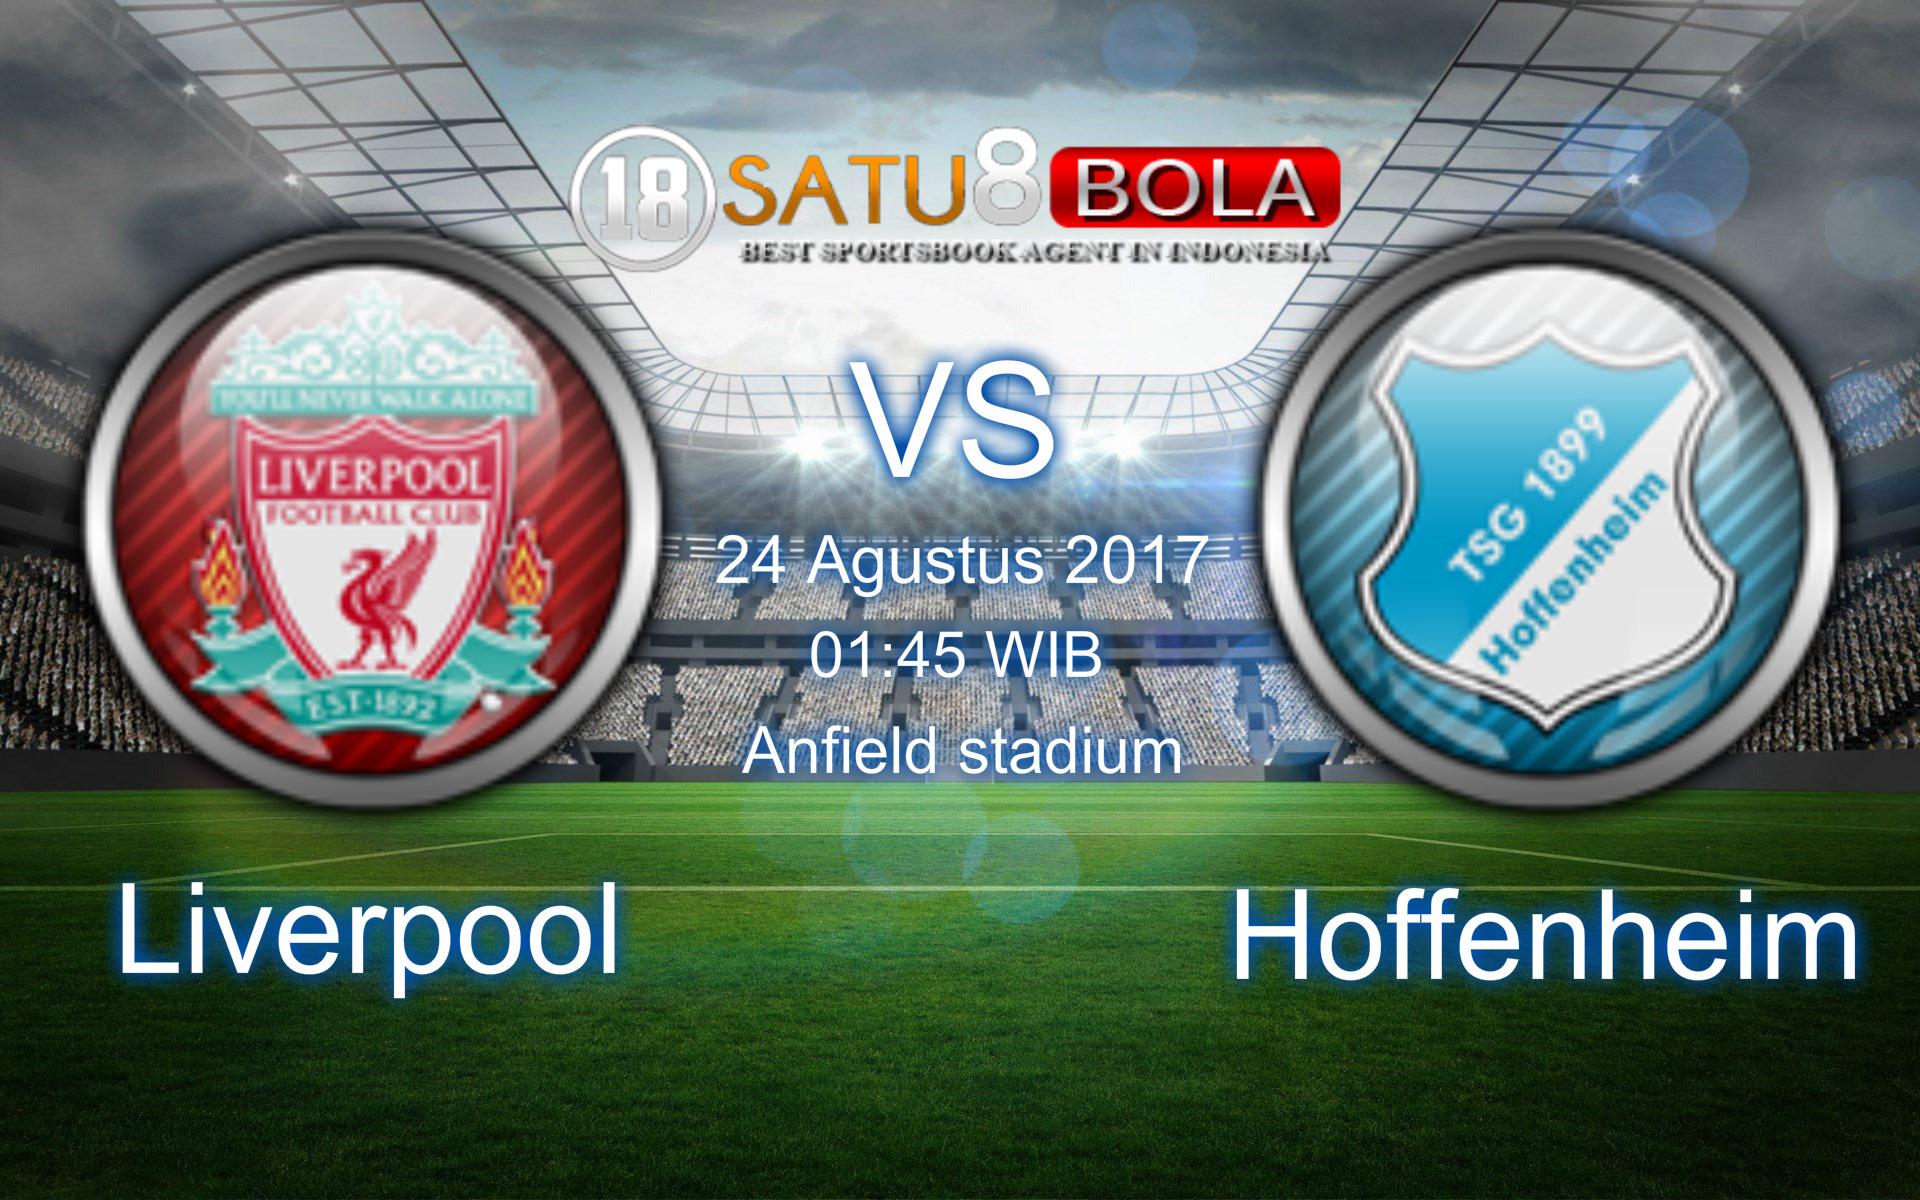 Prediksi Liverpool vs Hoffenheim 24 Agustus 2017 Agen Beting Online